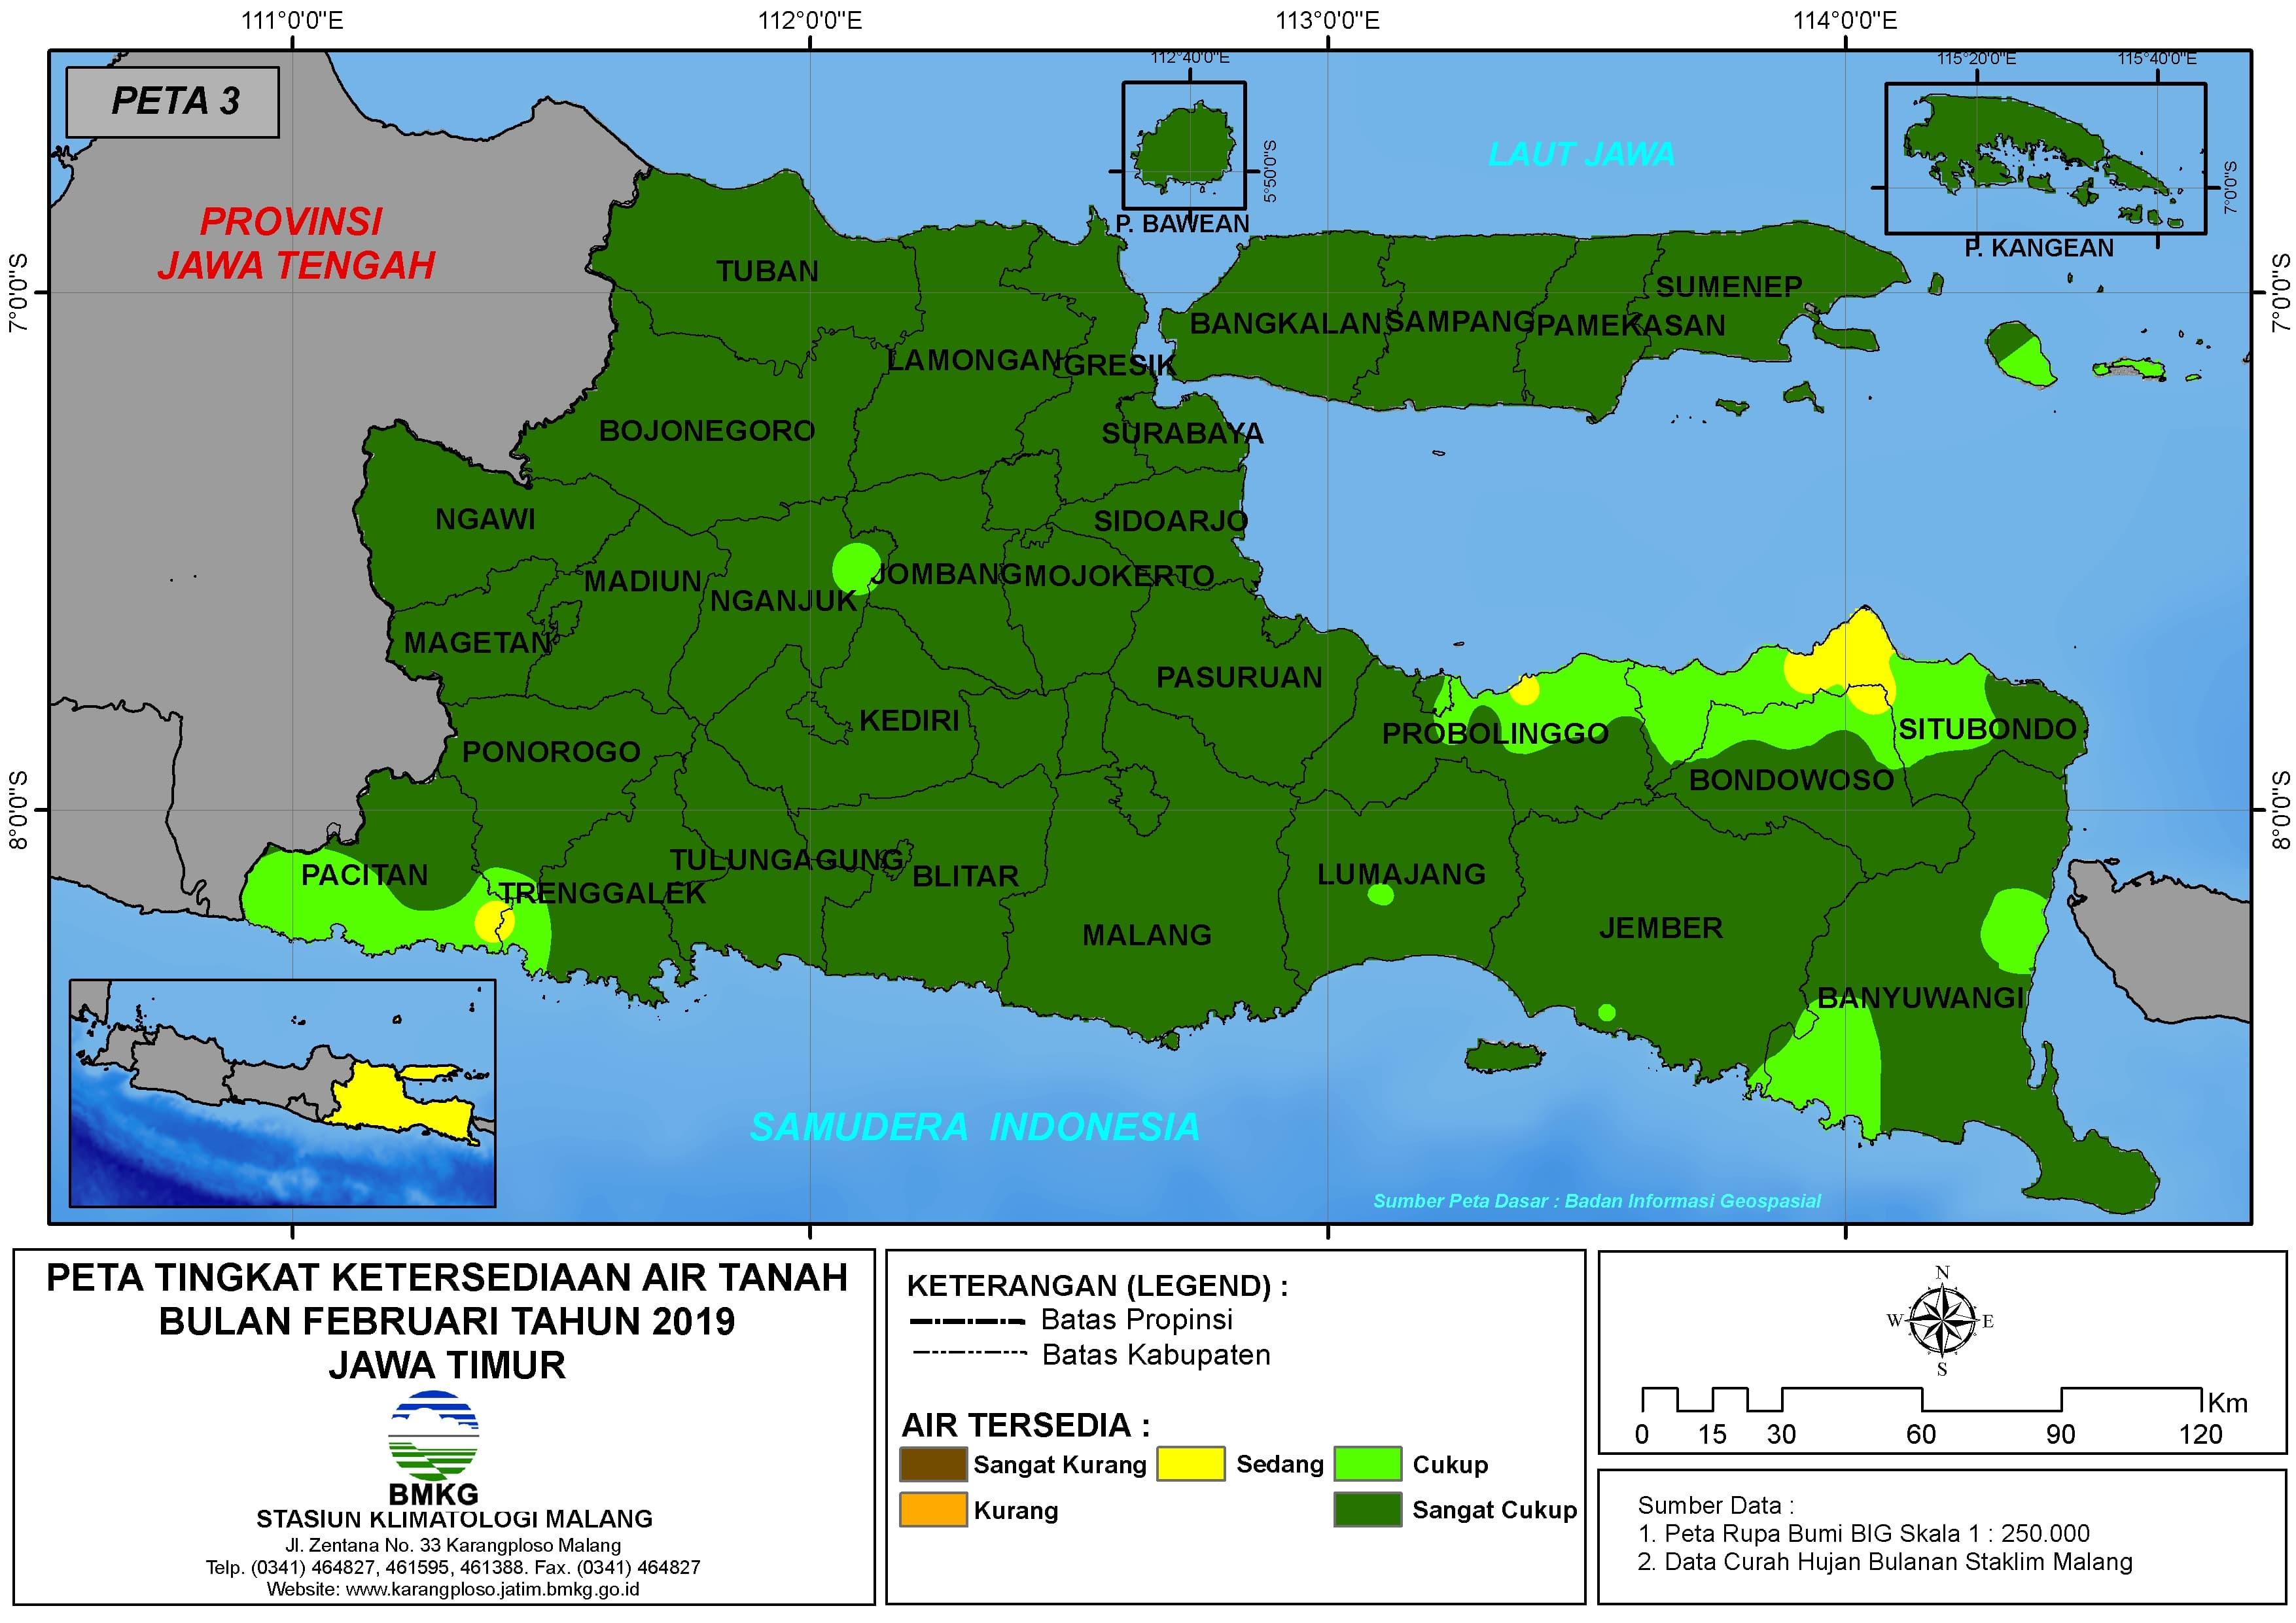 Analisis Tingkat Ketersediaan Air Tanah Bulan Februari Tahun 2019 di Provinsi Jawa Timur